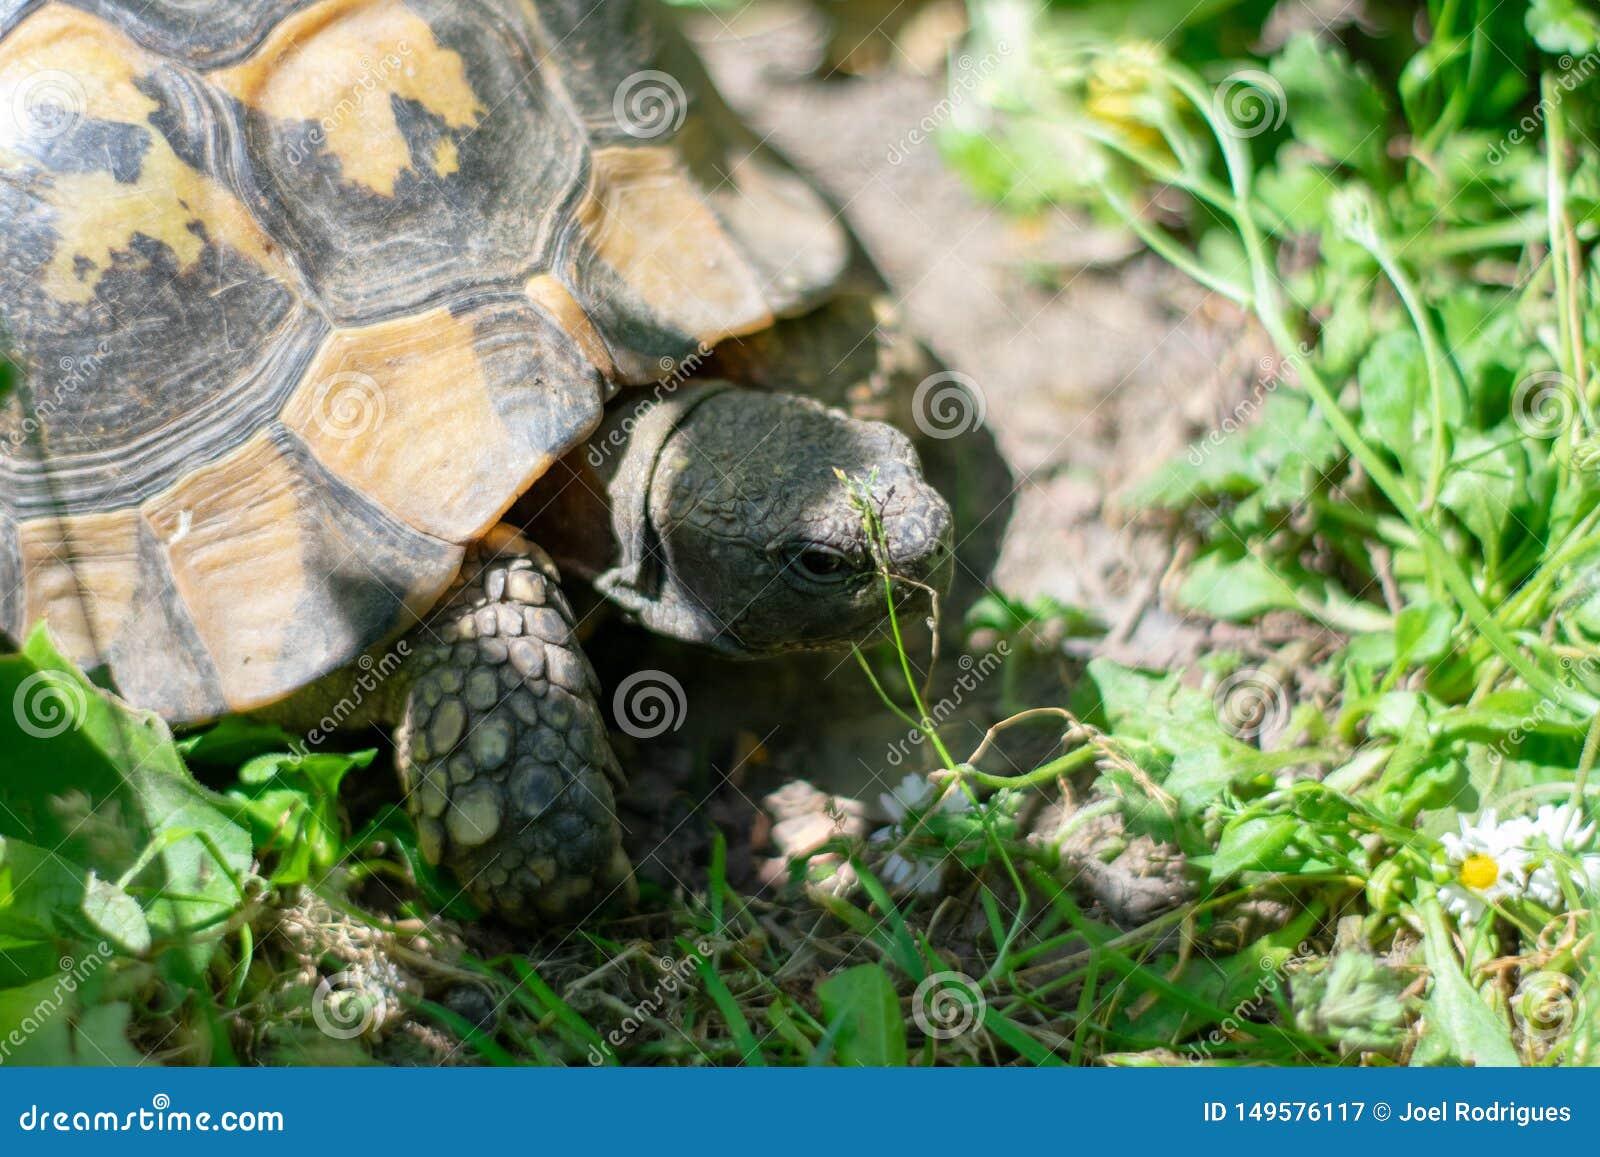 Tartaruga de Hermann que toma uma caminhada na grama verde no dia ensolarado